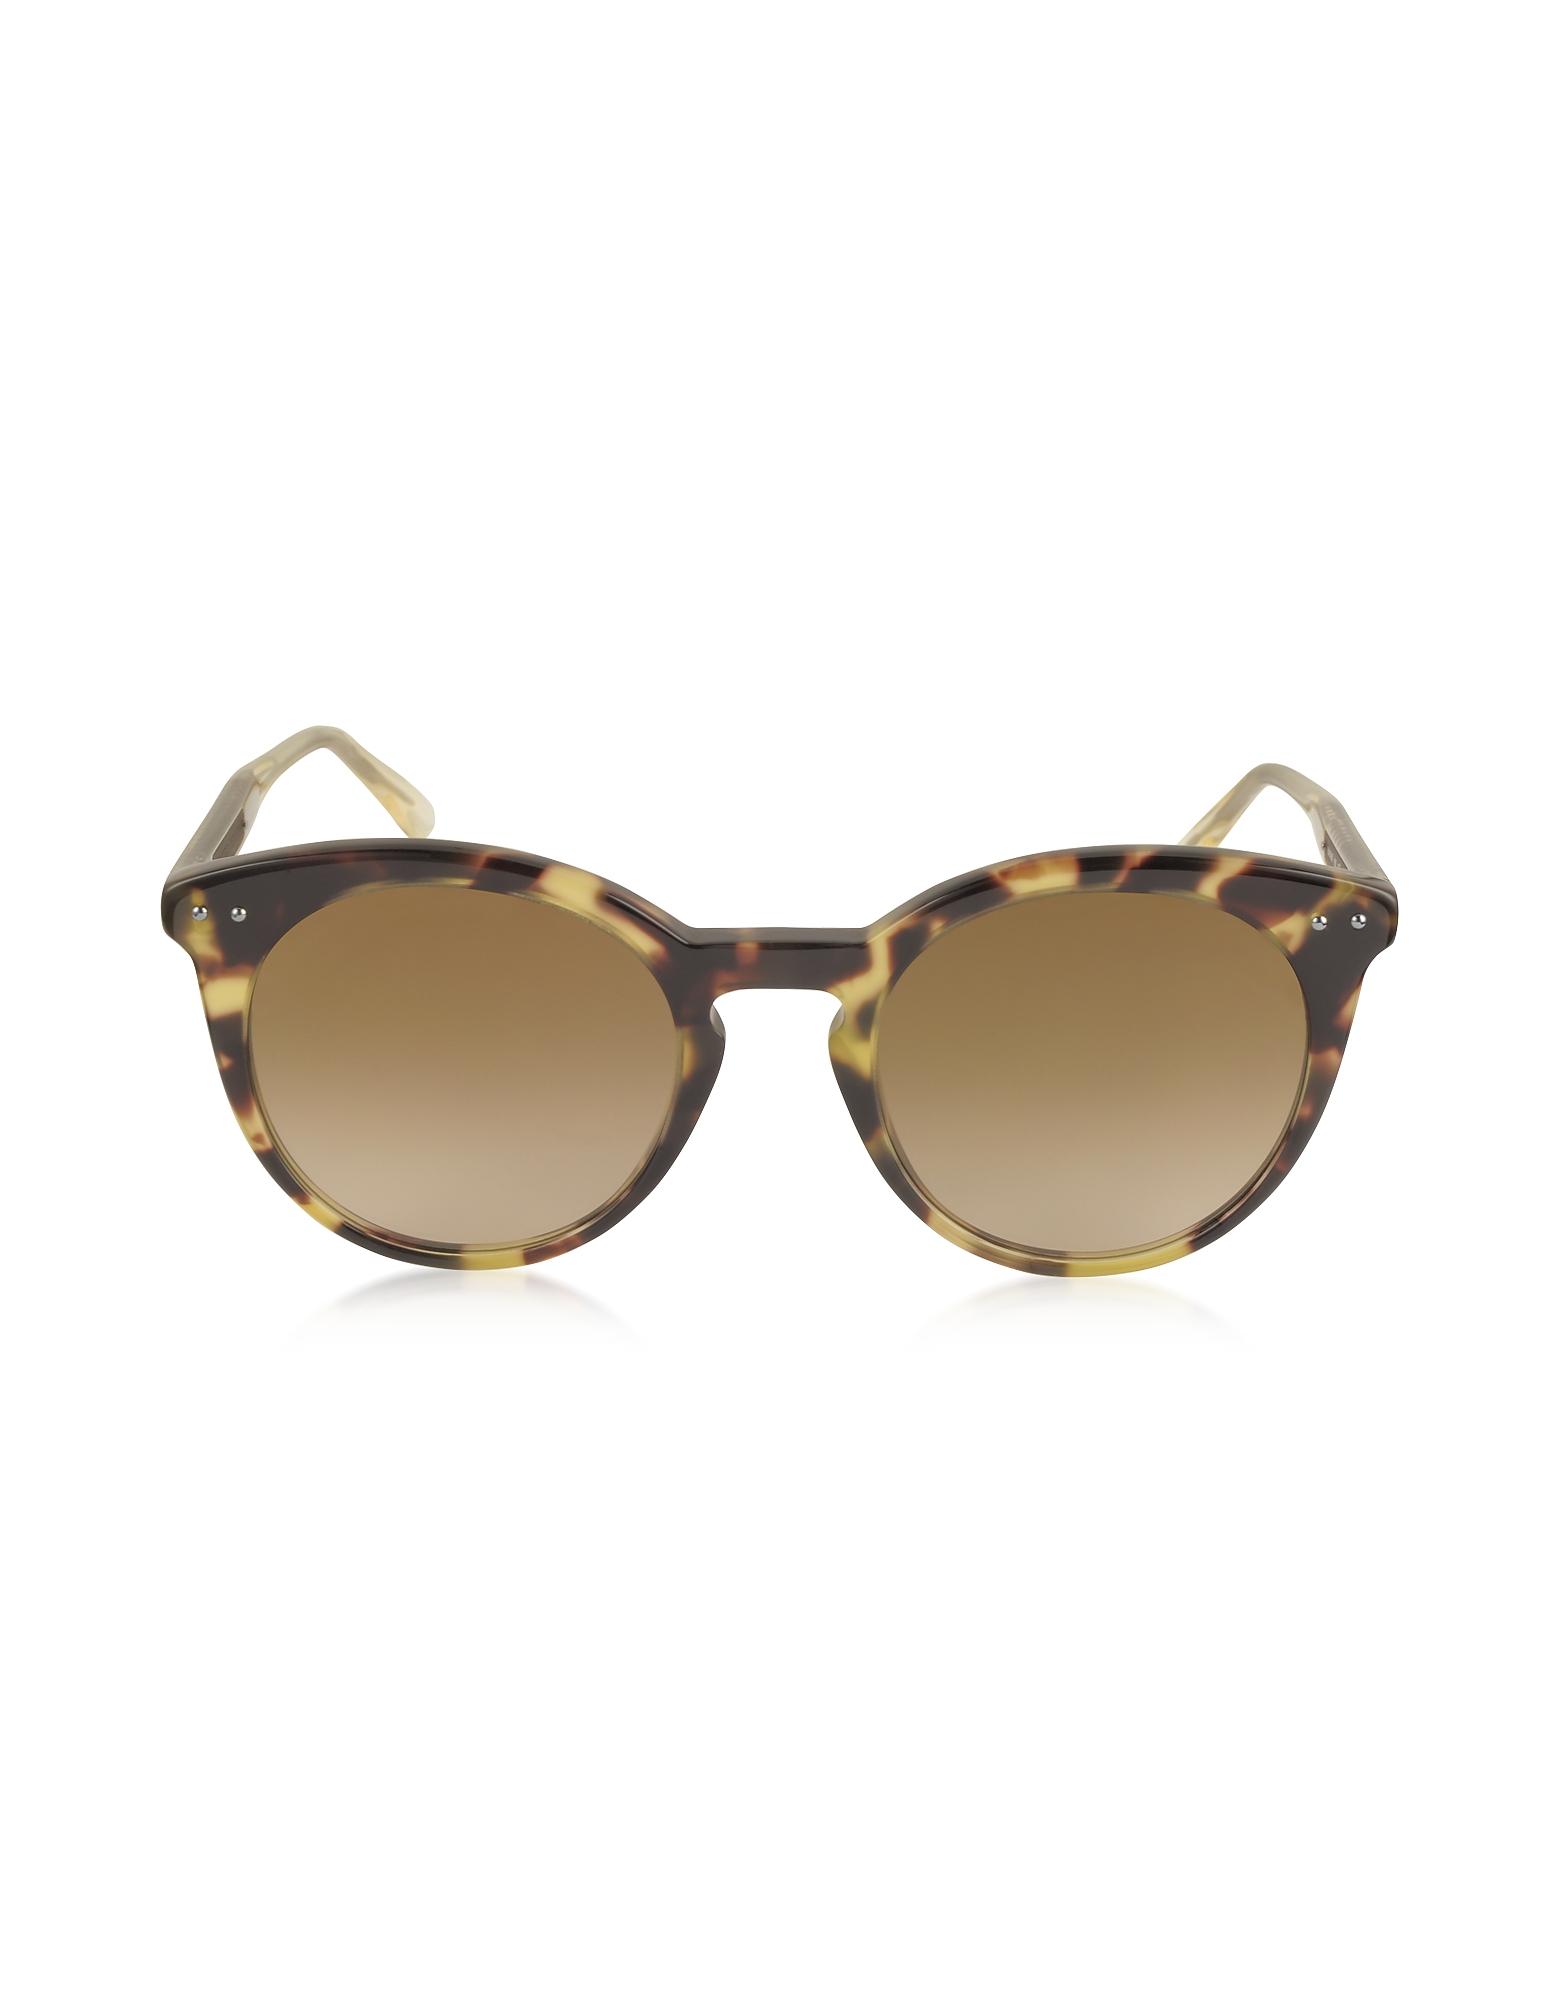 Bottega Veneta Sunglasses, BV0096S Round Acetate Women's Sunglasses